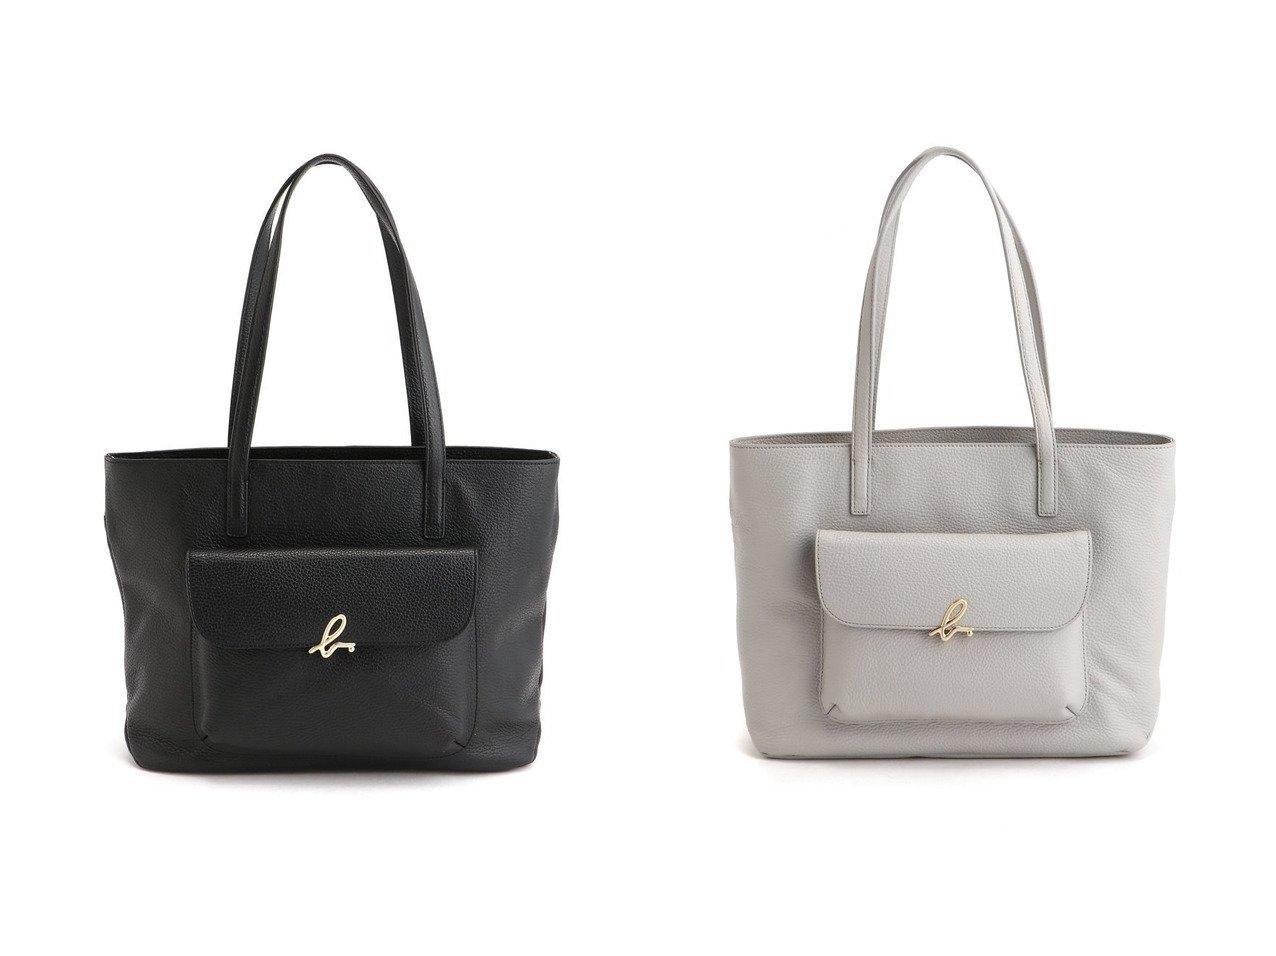 【agnes b. Voyage/アニエスベー ボヤージュ】のagnes b.IS12F-07 トートバッグ 【バッグ・鞄】おすすめ!人気、トレンド・レディースファッションの通販 おすすめで人気の流行・トレンド、ファッションの通販商品 メンズファッション・キッズファッション・インテリア・家具・レディースファッション・服の通販 founy(ファニー) https://founy.com/ ファッション Fashion レディースファッション WOMEN バッグ Bag NEW・新作・新着・新入荷 New Arrivals インナー スタイリッシュ ポケット  ID:crp329100000033046